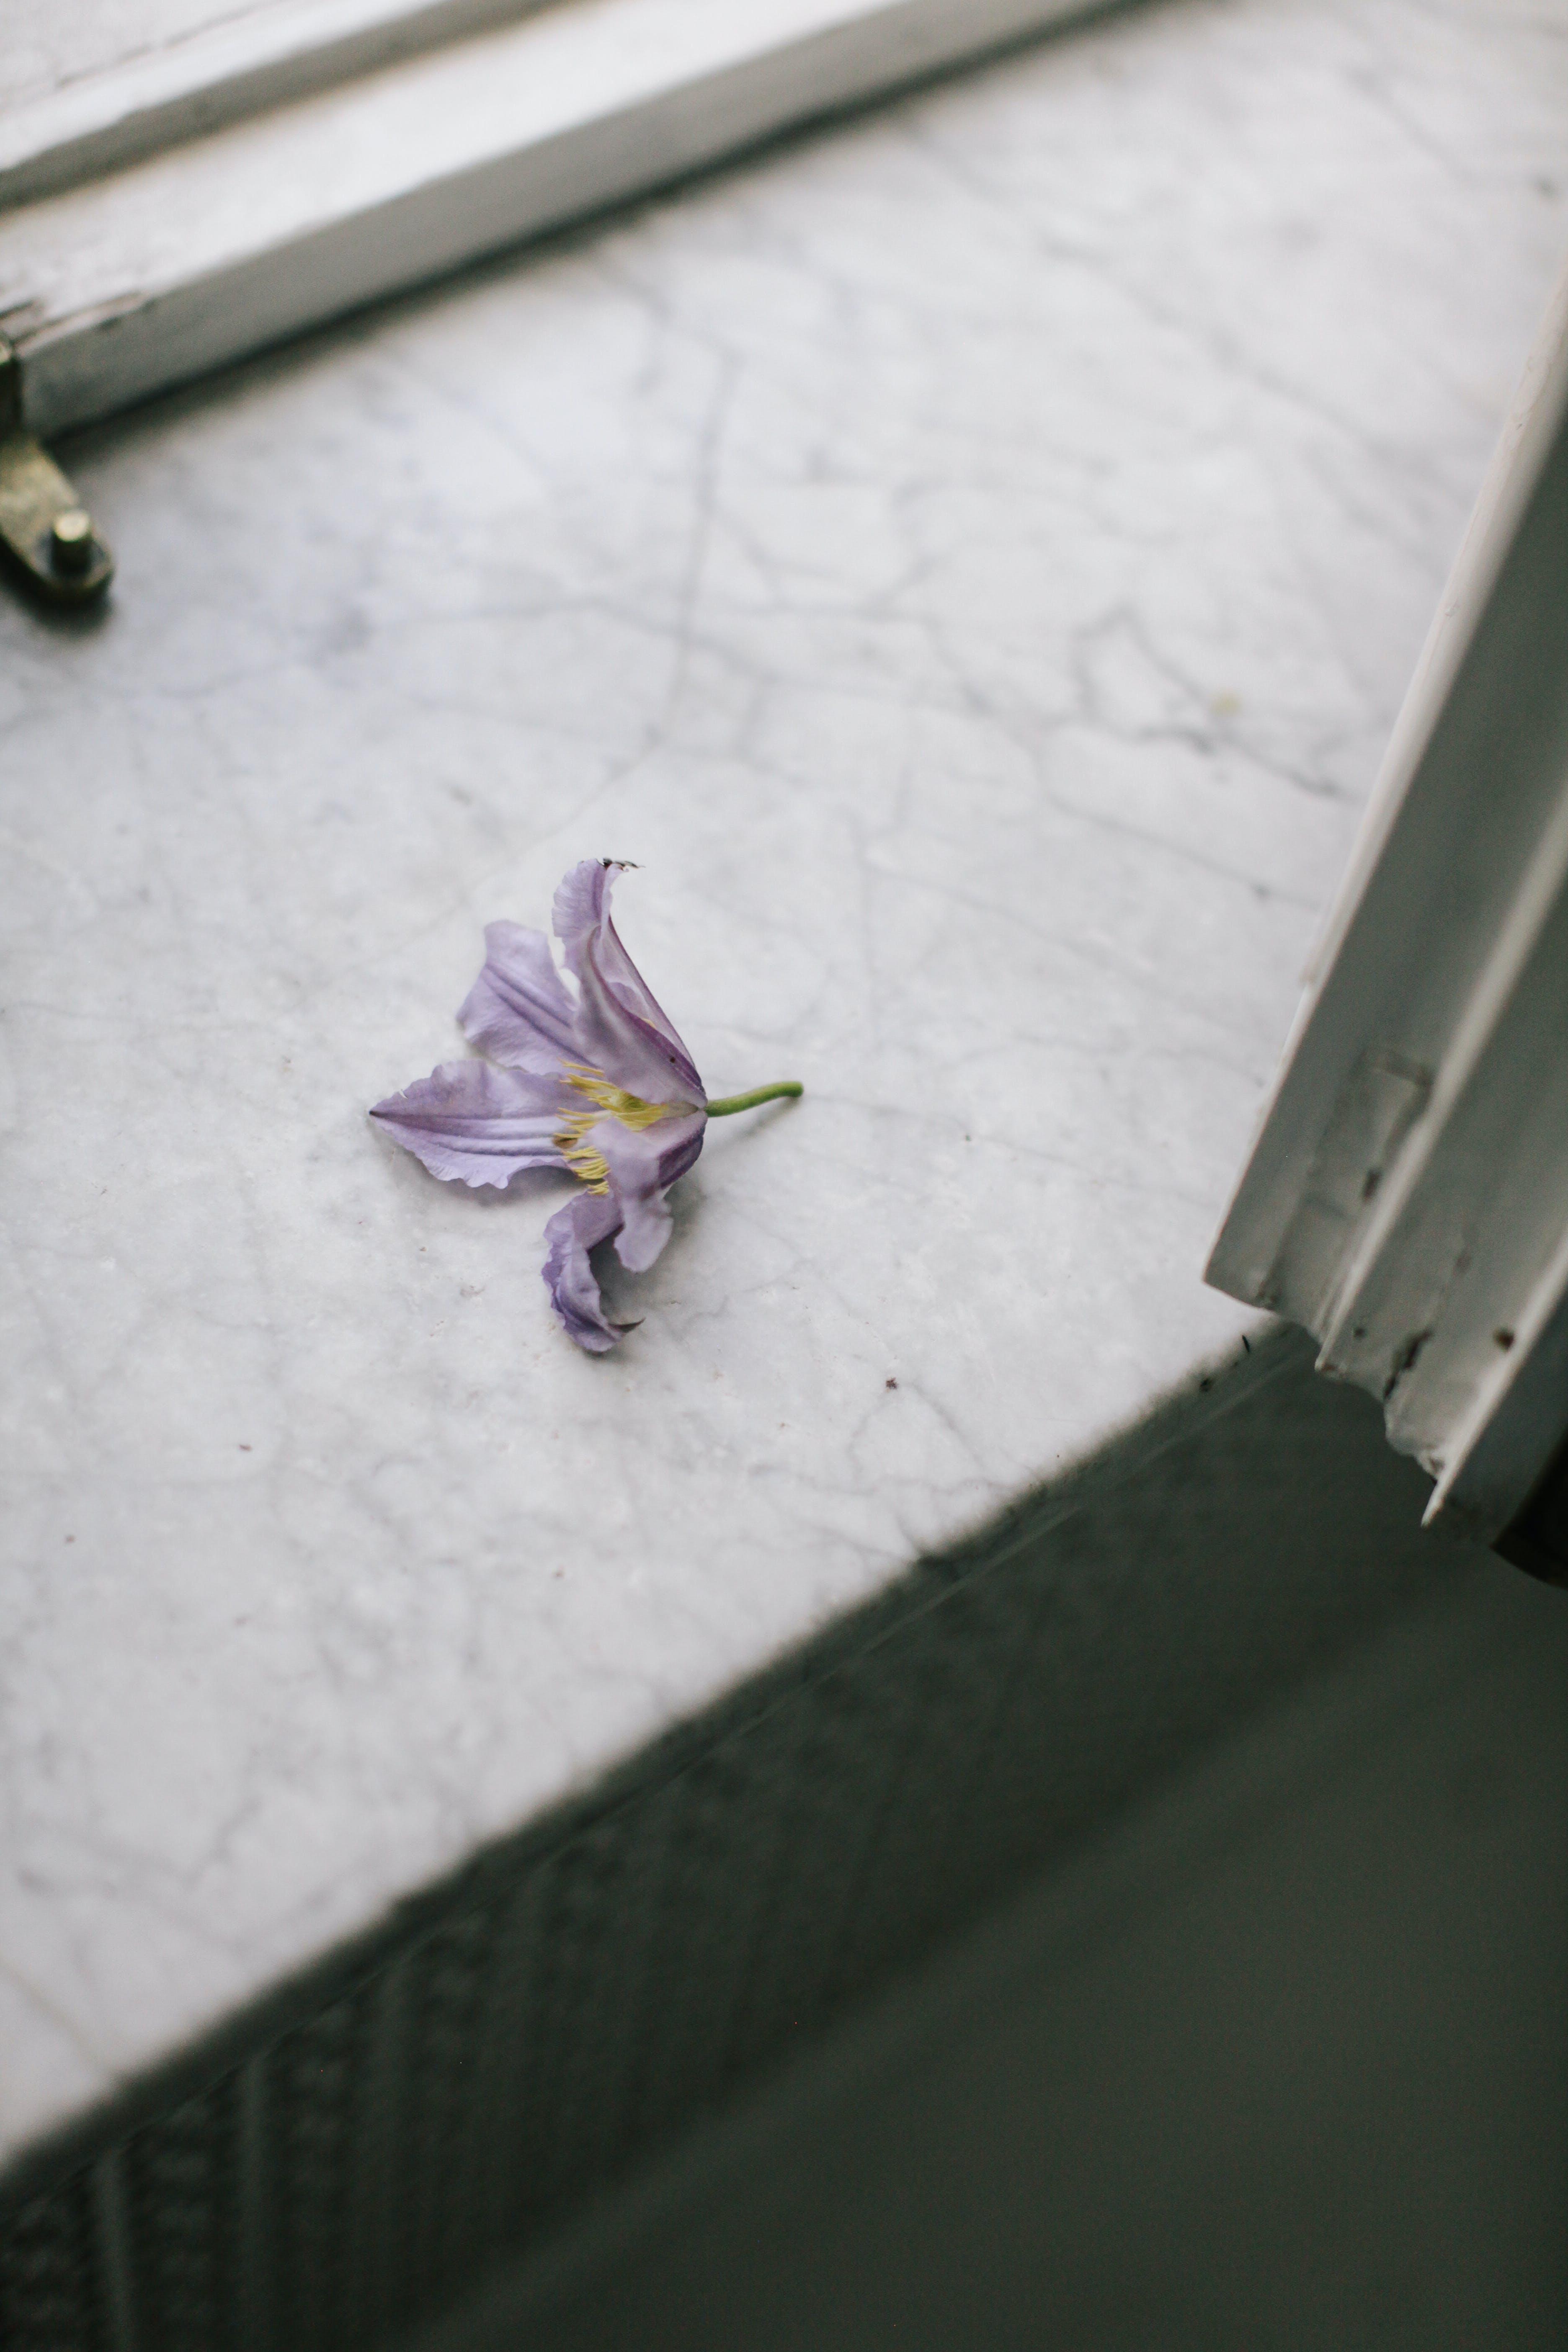 Gratis arkivbilde med blomst, blomsterblad, blomstre, flora